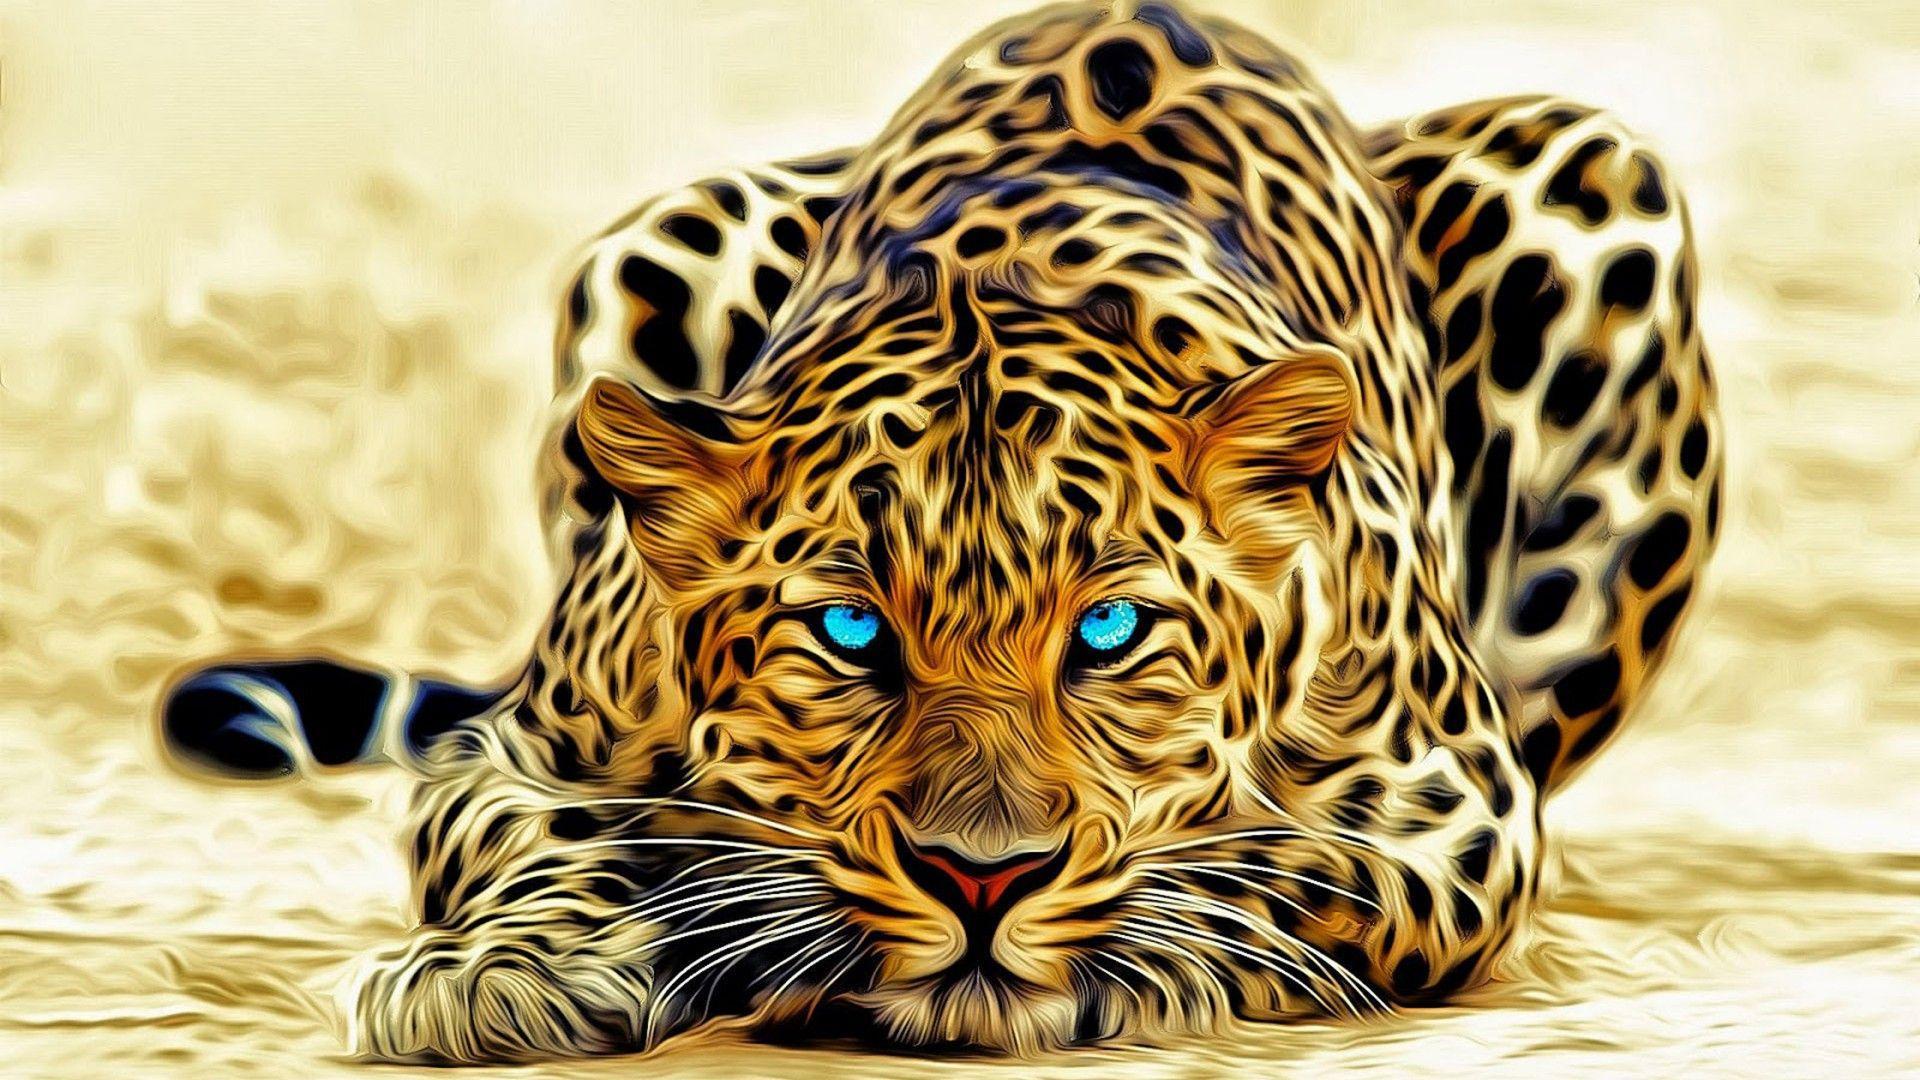 Animated Cheetah Wallpaper cheetah 3d wallpapers full - wallpaper cave